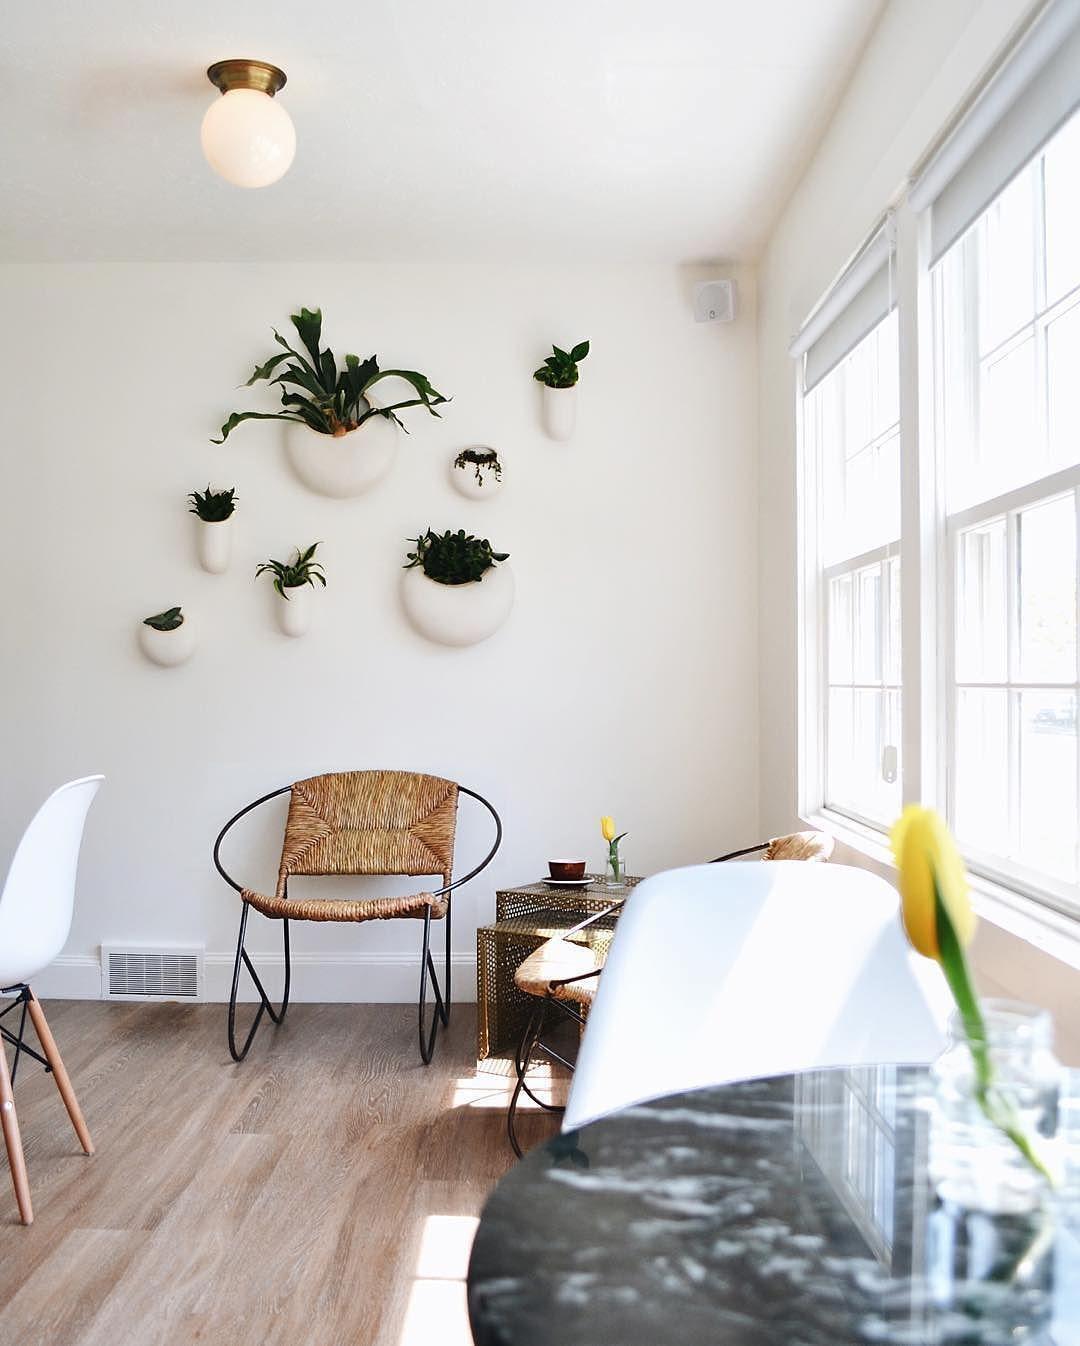 5 Vertical Vegetable Garden Ideas For Beginners: Vegetable Gardening Tips And Tricks